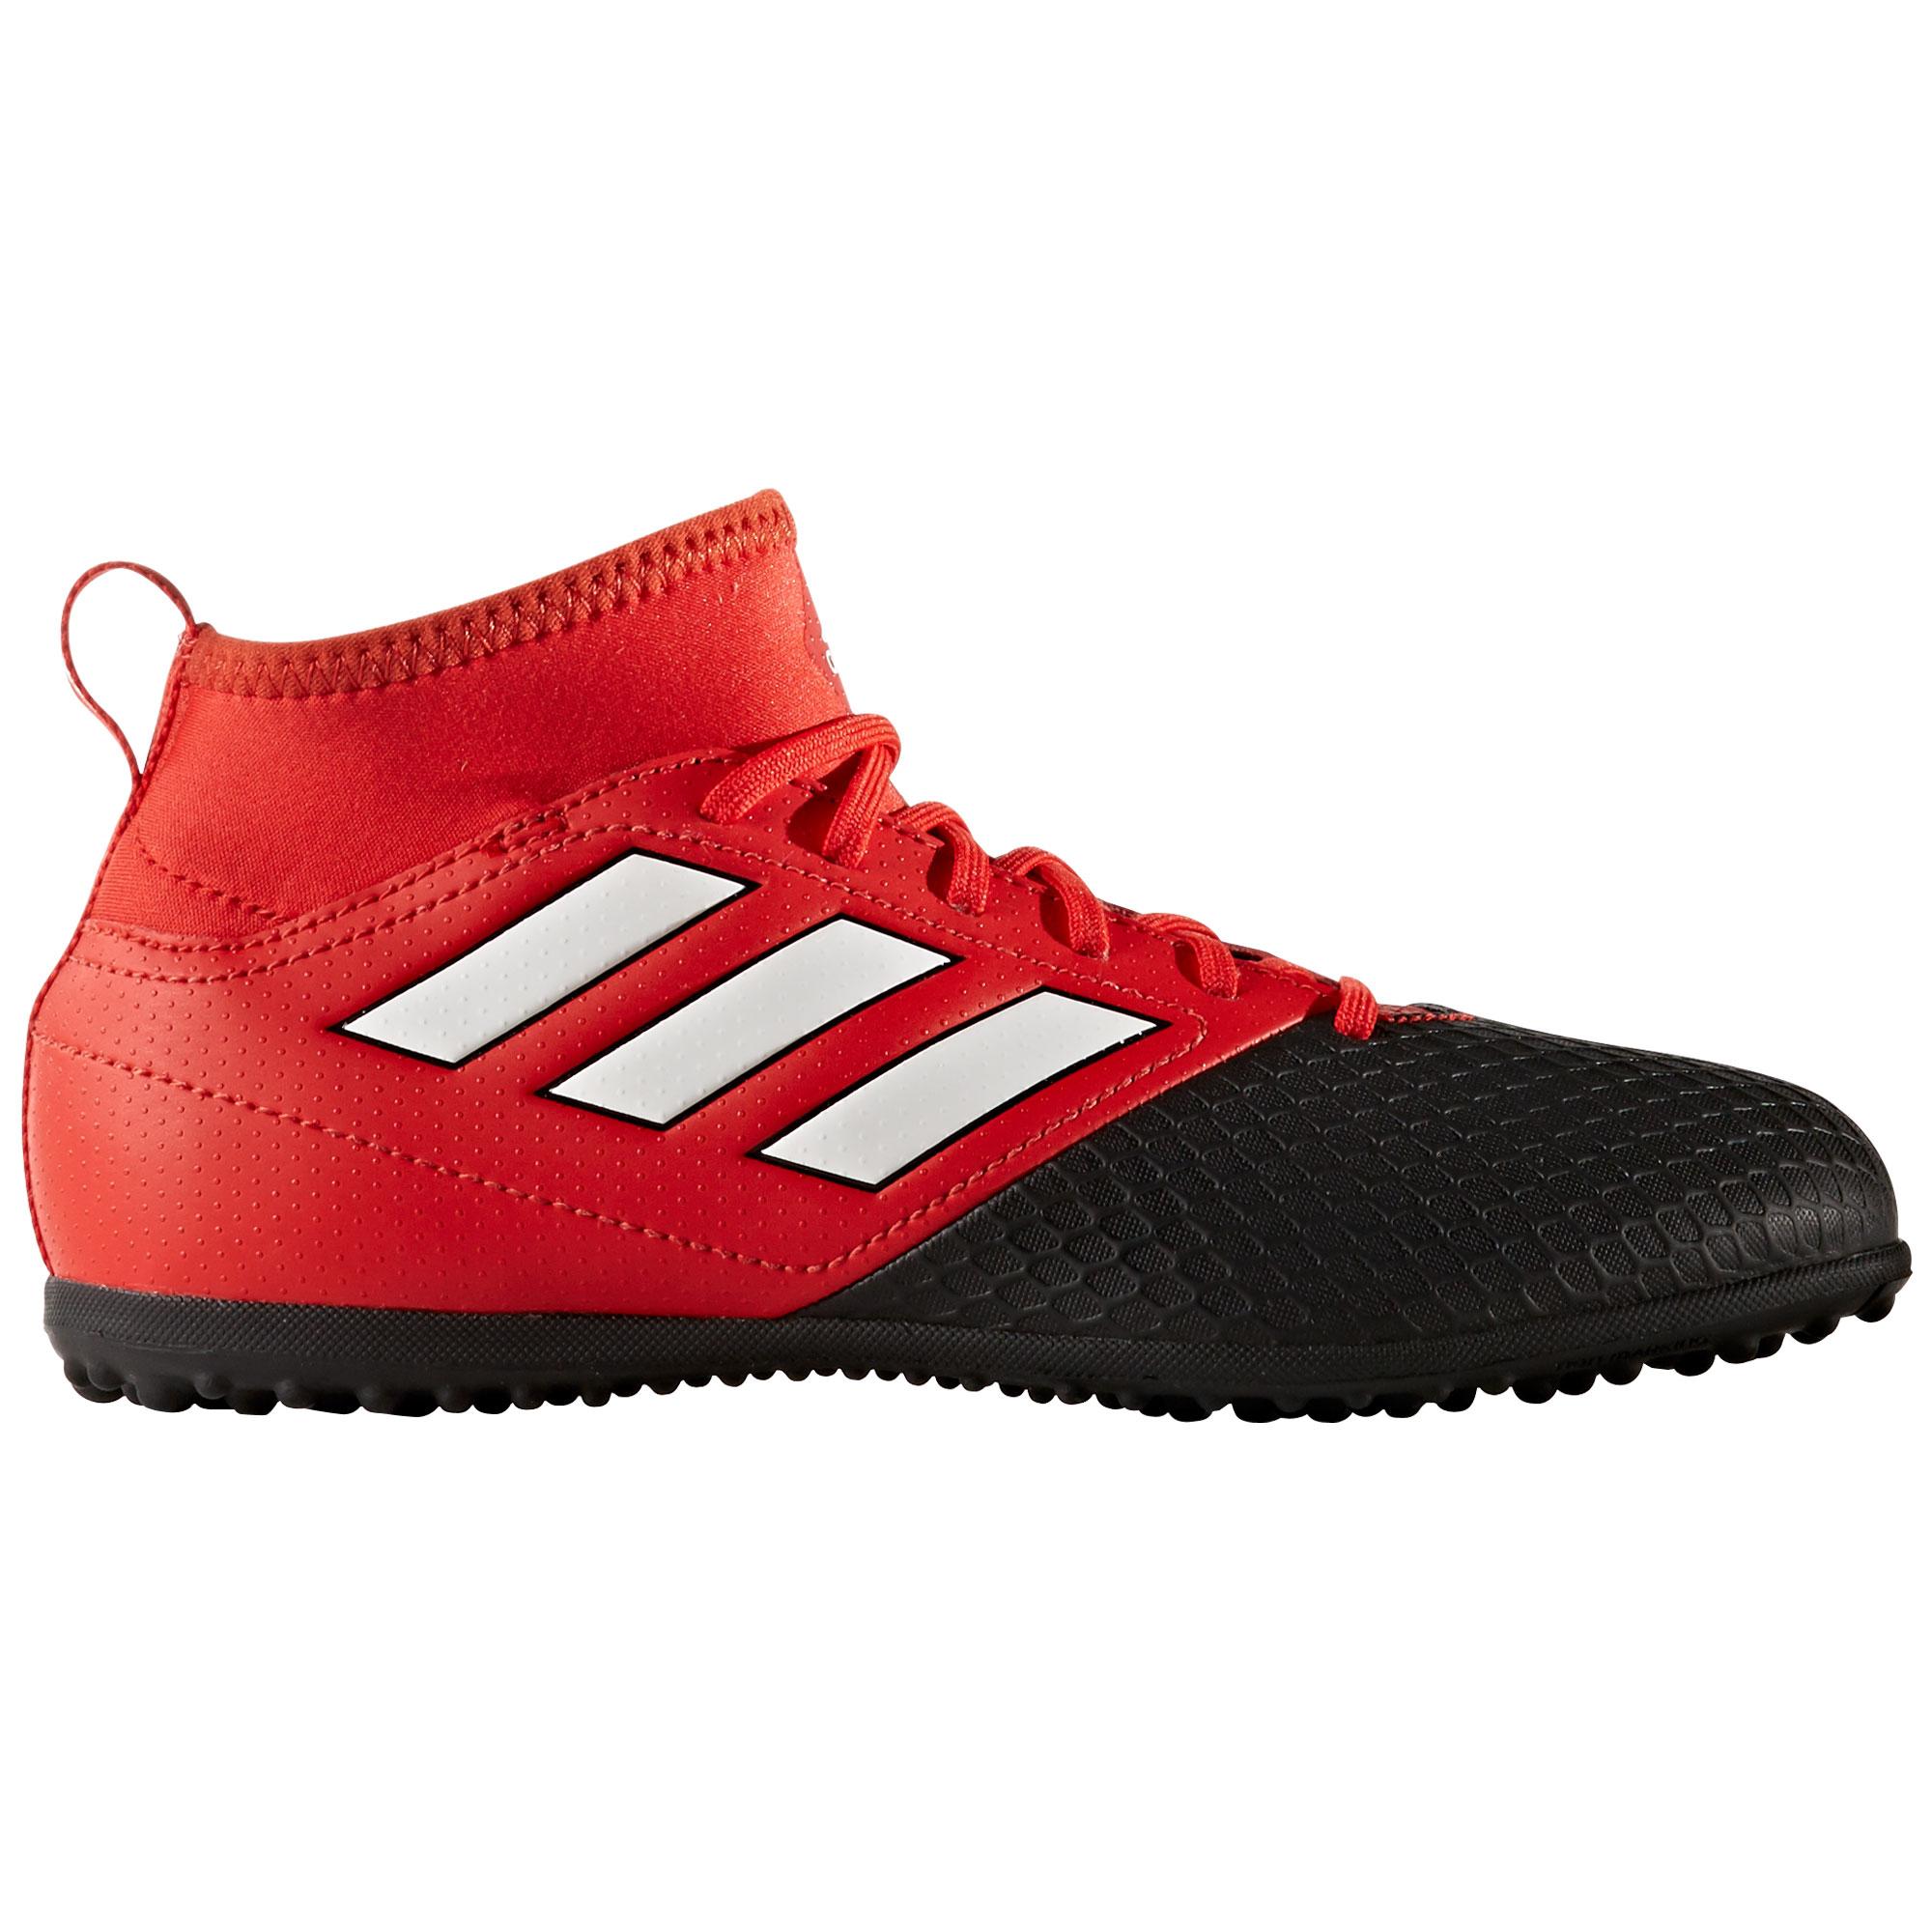 Afbeelding van Adidas Ace 17.3 Primemesh TF BA9225 Voetbalschoenen Junior Red